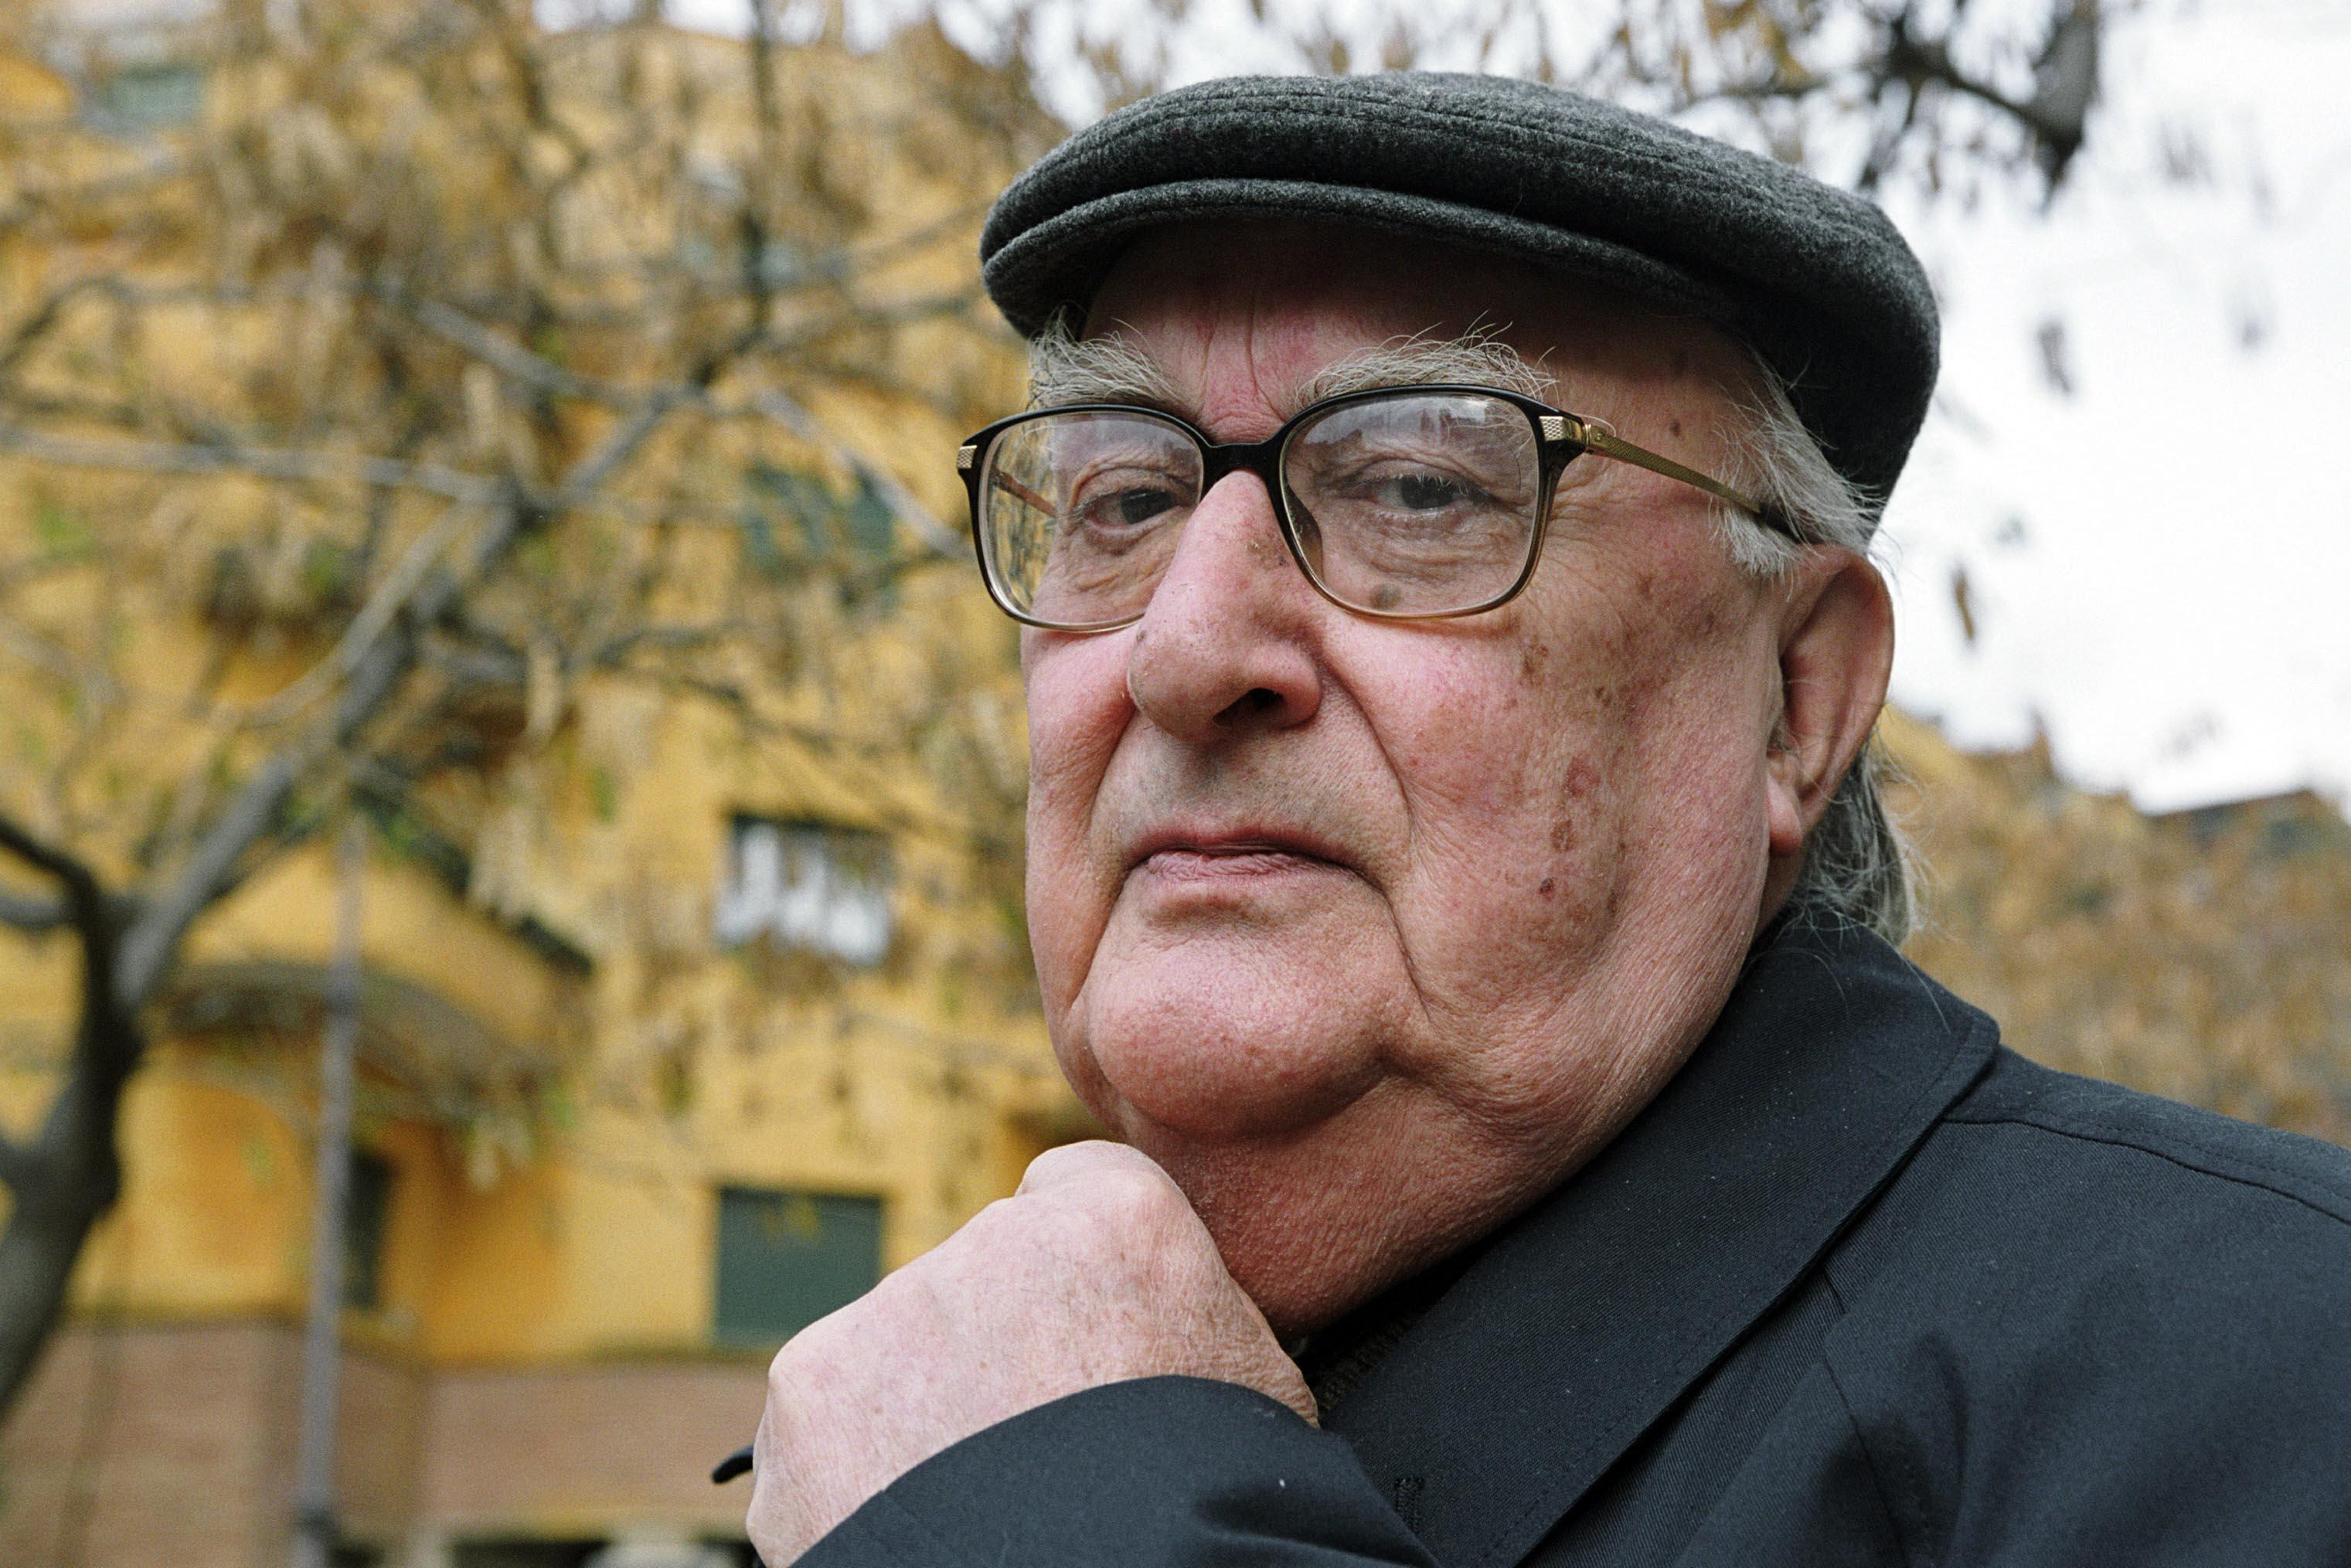 Andrea Camilleri, lo scrittore siciliano amato in tutto il mondo